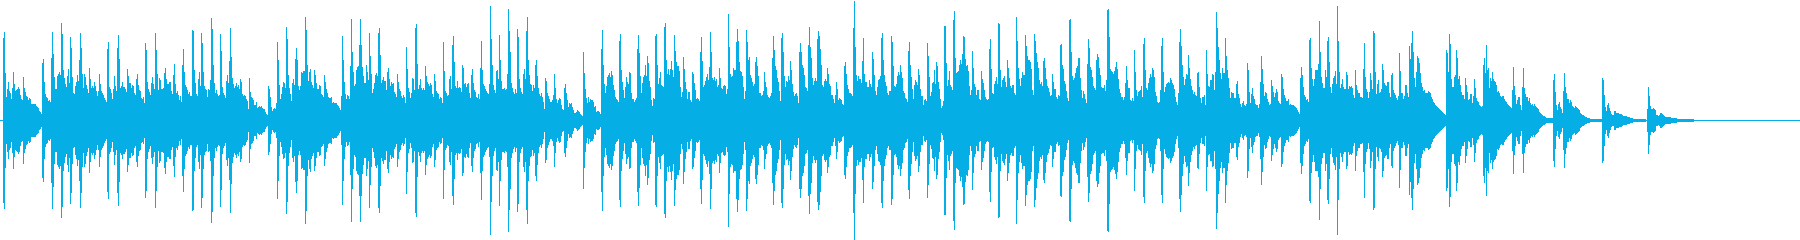 白鳥の湖 情景 オルゴールの再生済みの波形